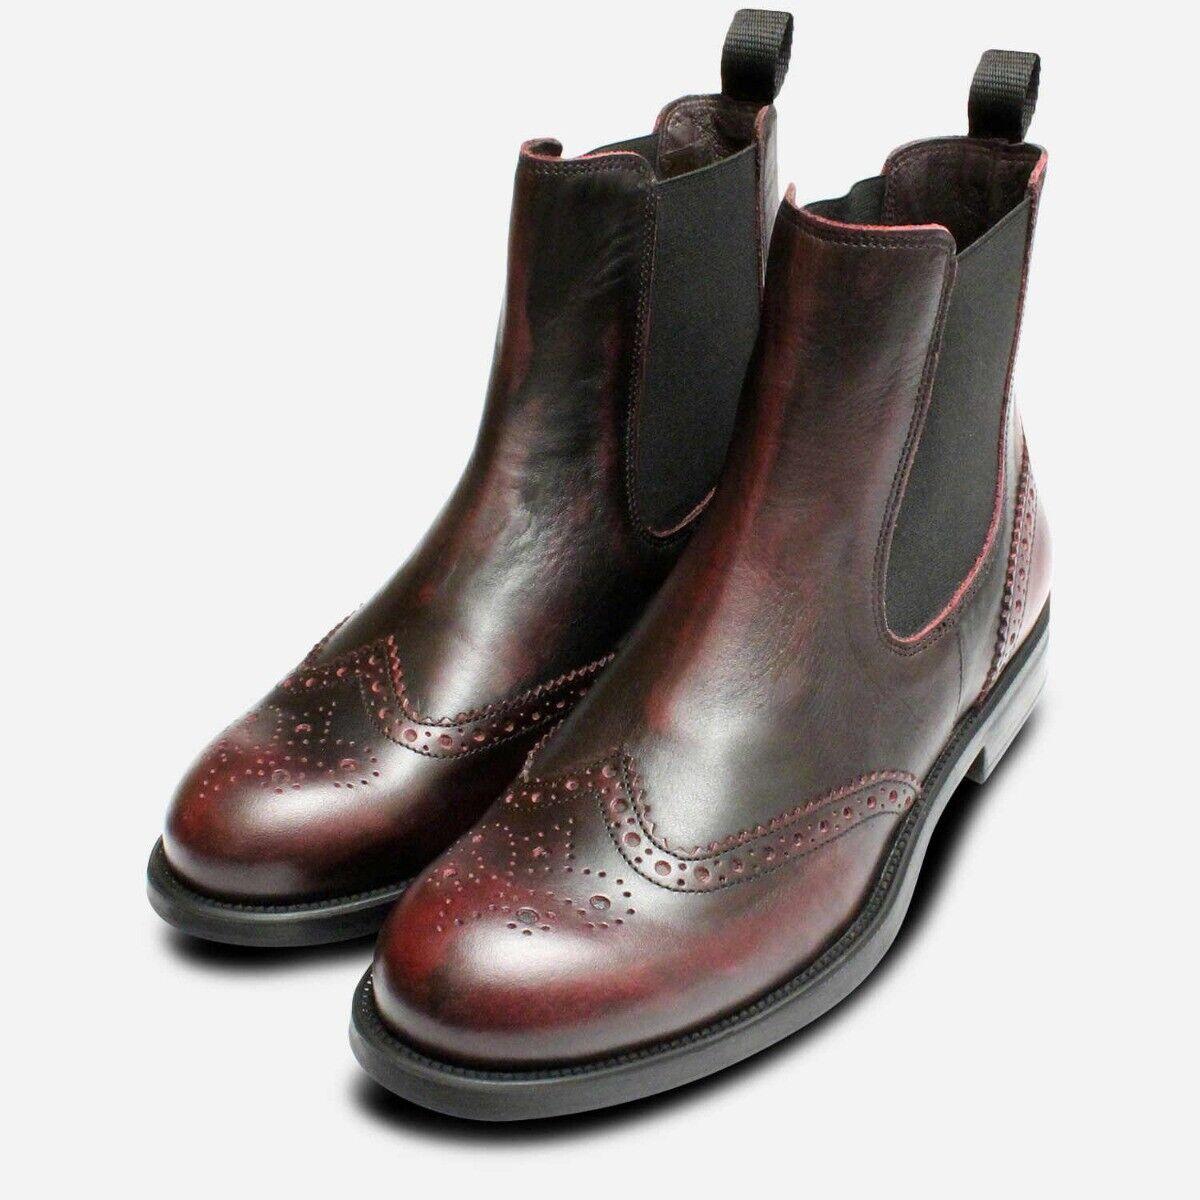 Diseñador Burdeos Mujer Italiano Bota Chelsea Zapatos Oxford